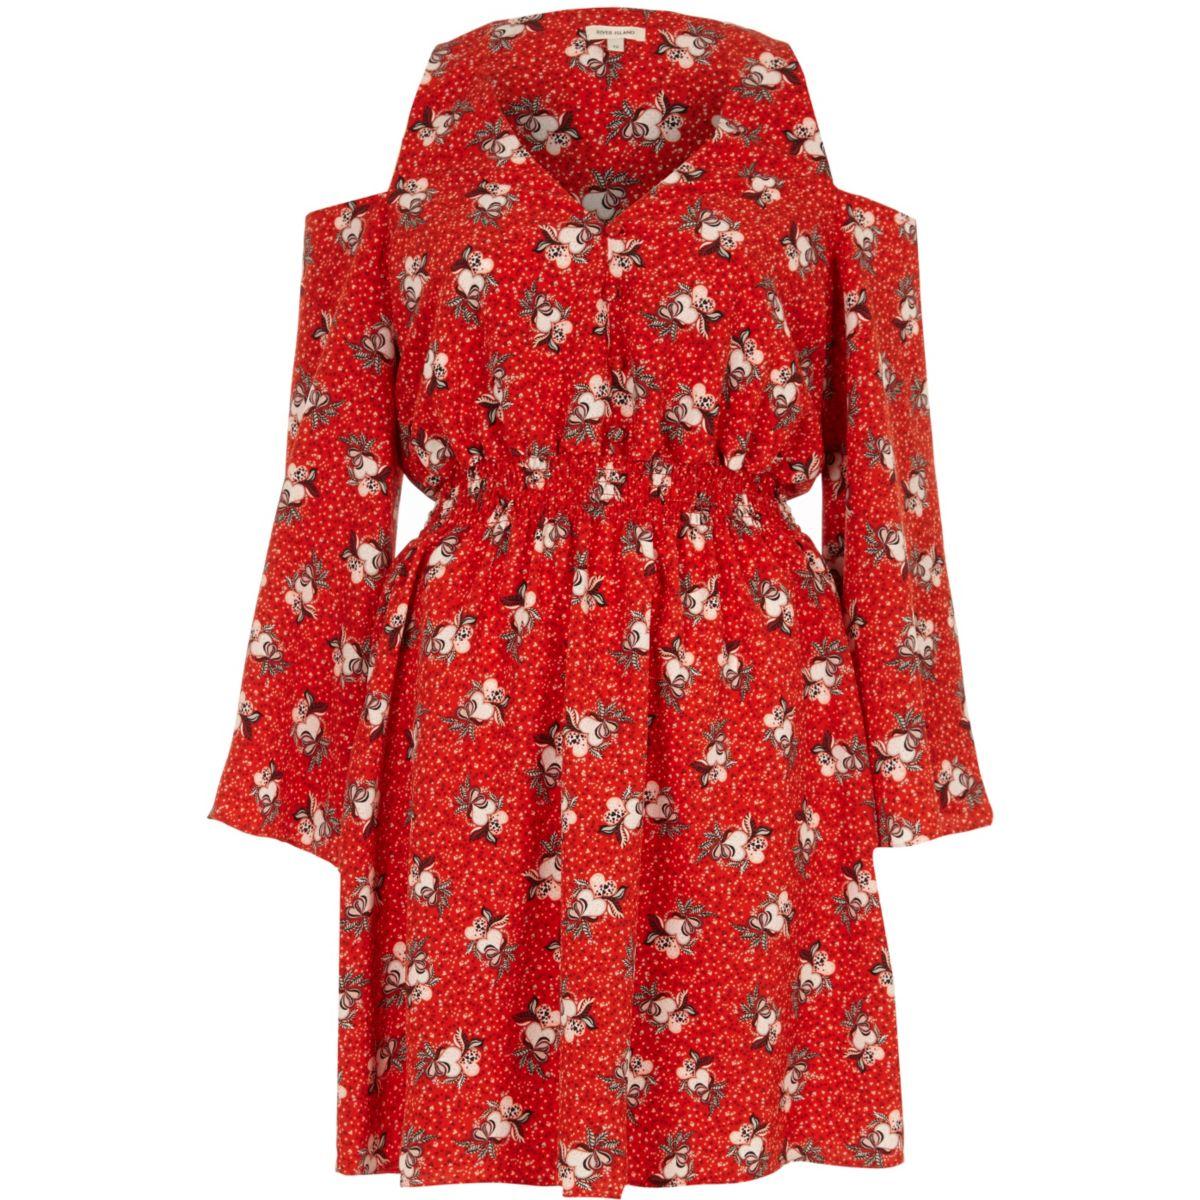 Red floral print cold shoulder dress